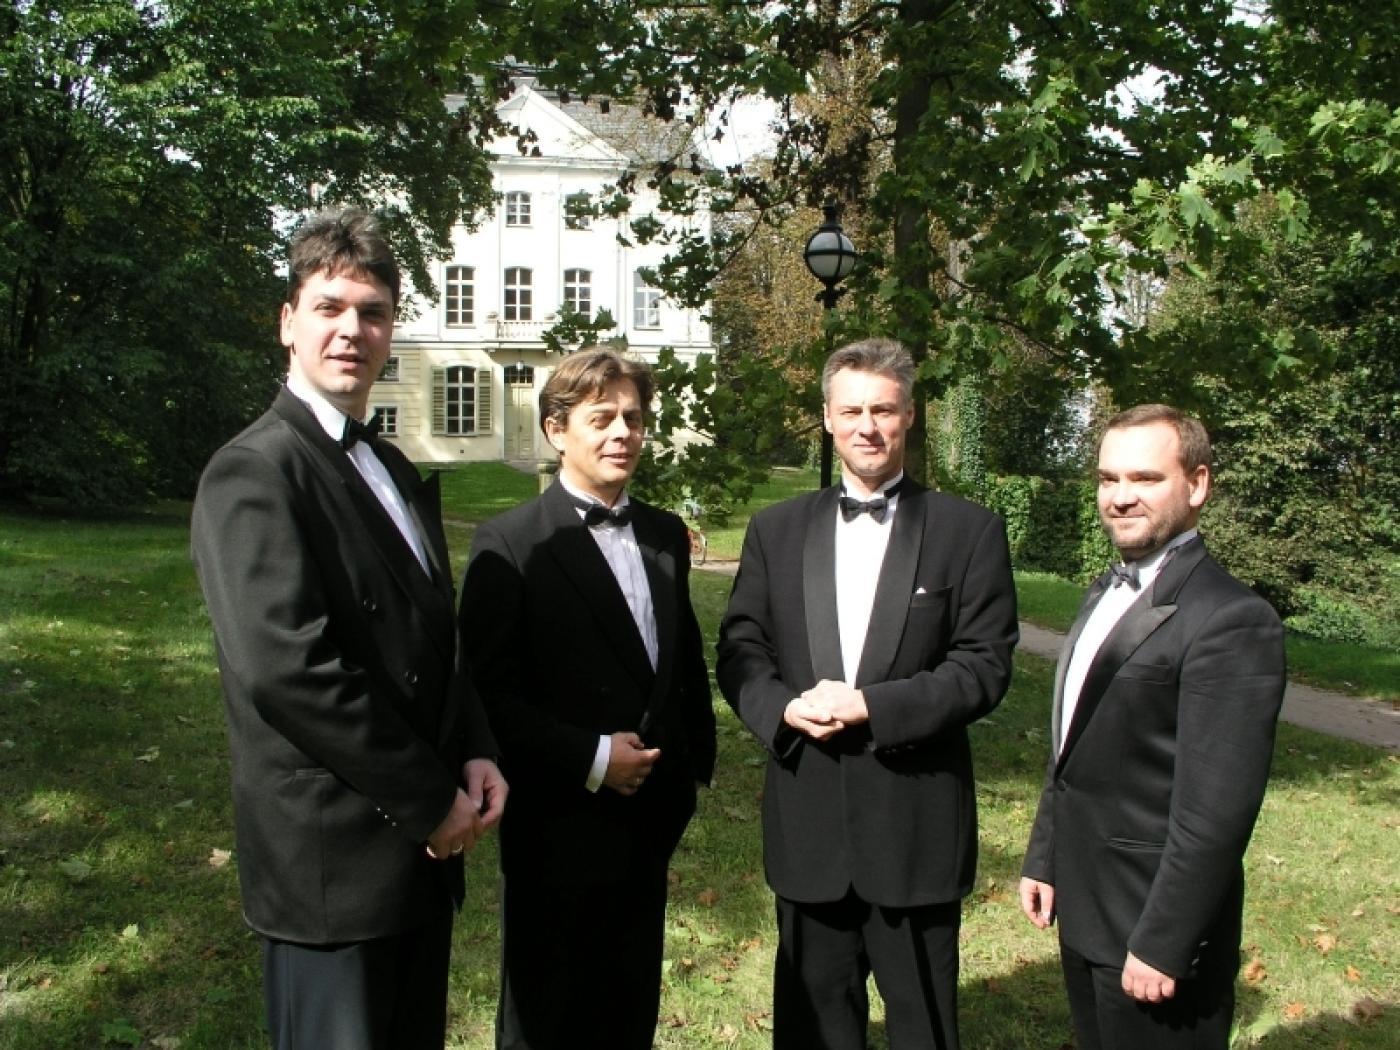 Kwartet pomorski + wizualizacje Maciej Walczak - opis festiwalowy